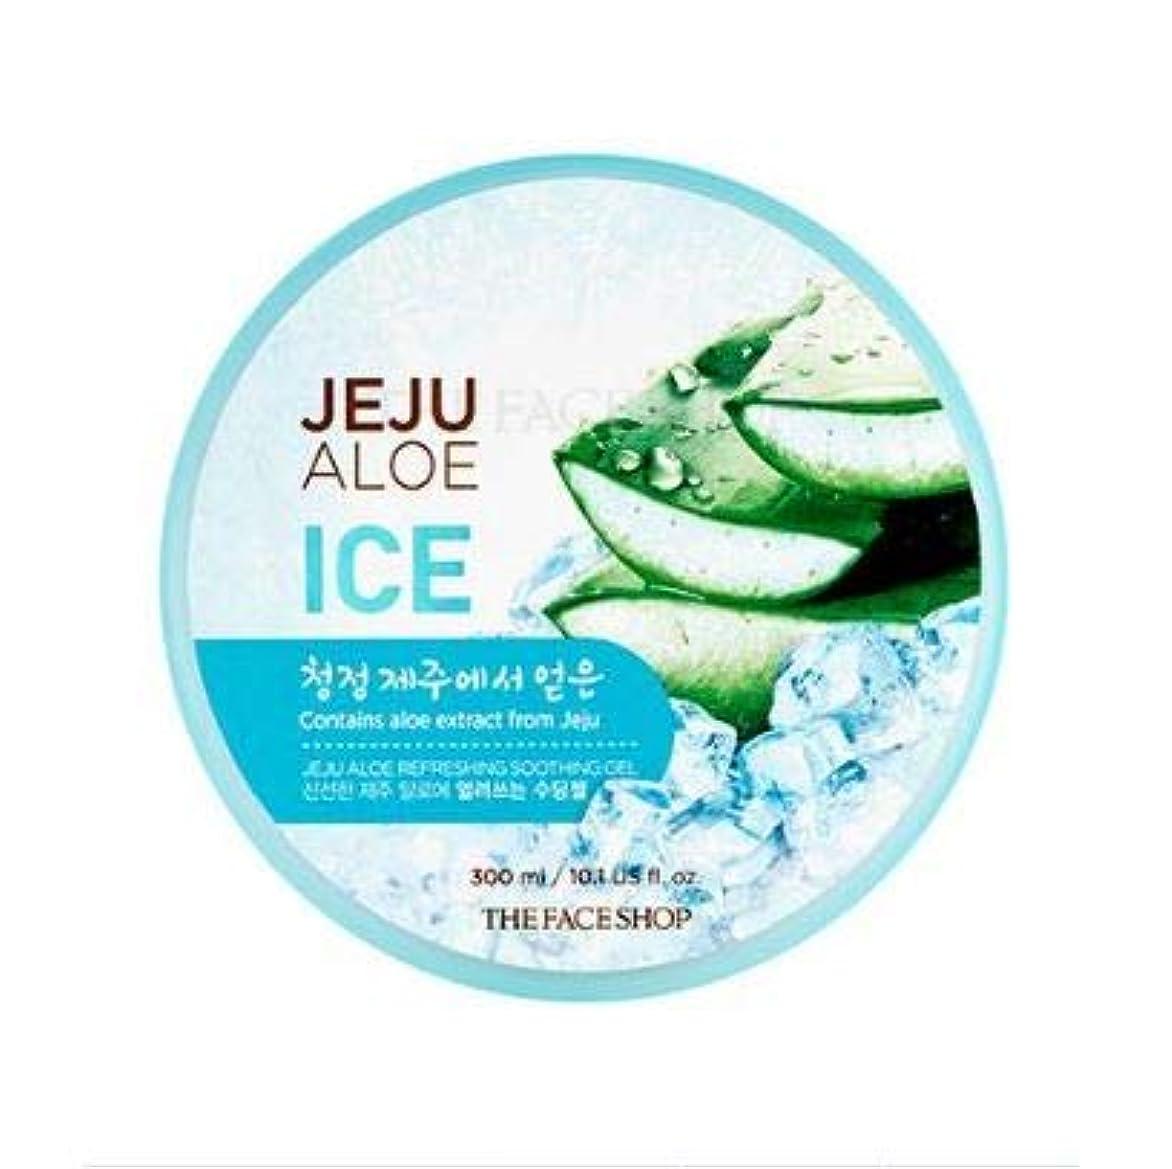 欠陥一晩大いにザフェイスショップ 済州 アロエ リフレッシング スージング ジェル 300ml / THE FACE SHOP Jeju Aloe Refreshing Soothing Gel 300ml [並行輸入品]